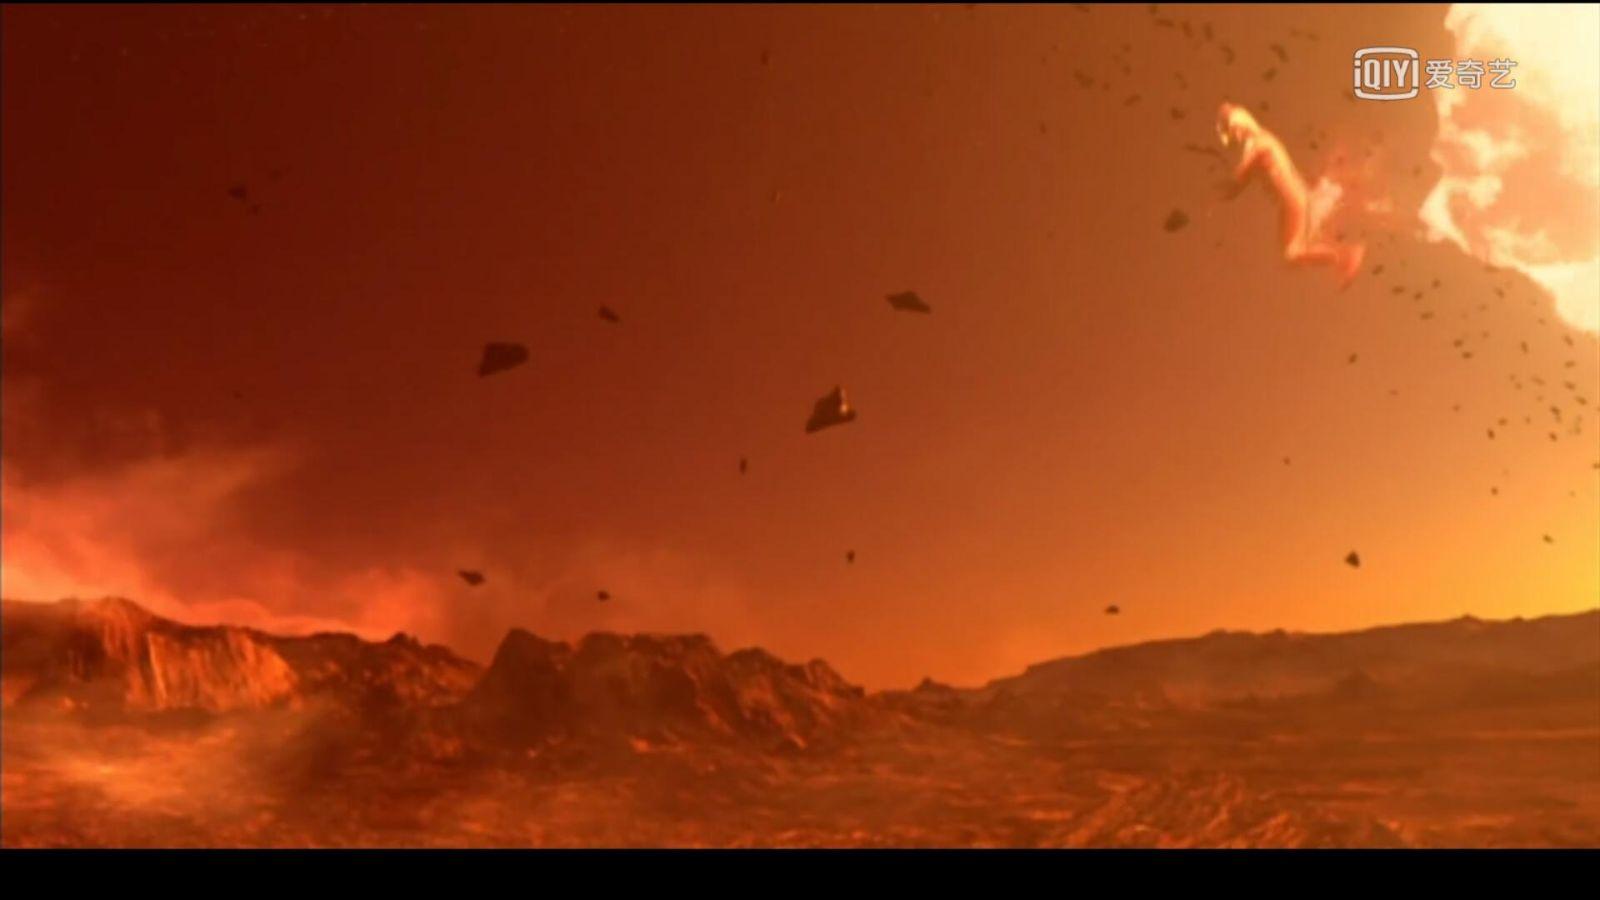 奥特曼壁纸 奥特曼大电影 宇宙英雄之超银河传说的图片11